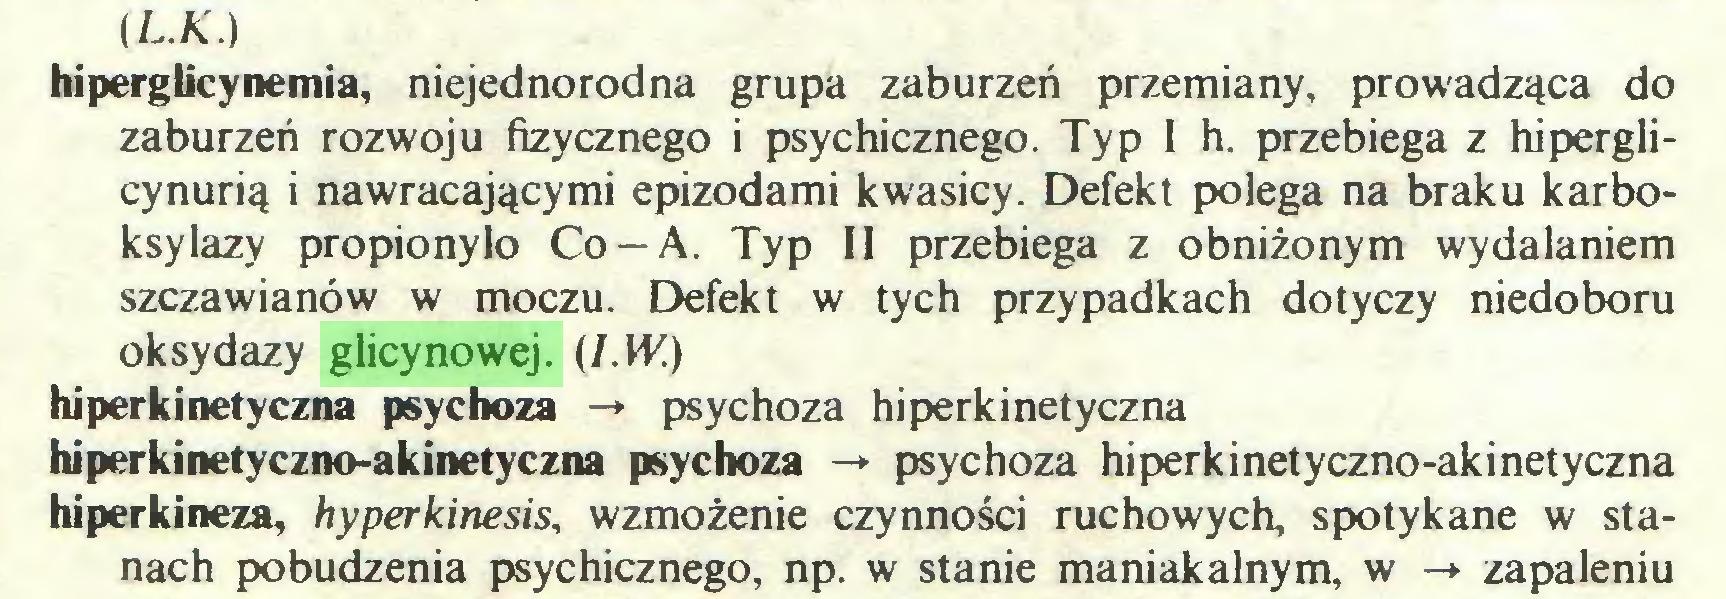 (...) (L.K.) hiperglicynemia, niejednorodna grupa zaburzeń przemiany, prowadząca do zaburzeń rozwoju fizycznego i psychicznego. Typ I h. przebiega z hiperglicynurią i nawracającymi epizodami kwasicy. Defekt polega na braku karboksylazy propionylo Co —A. Typ II przebiega z obniżonym wydalaniem szczawianów w moczu. Defekt w tych przypadkach dotyczy niedoboru oksydazy glicynowej. (I.W.) hiperkinetyczna psychoza -> psychoza hi perki netyczna hiperkinetyczno-akinetyczna psychoza -* psychoza hiperkinetyczno-akinetyczna hiperkineza, hyperkinesis, wzmożenie czynności ruchowych, spotykane w stanach pobudzenia psychicznego, np. w stanie maniakalnym, w -*■ zapaleniu...